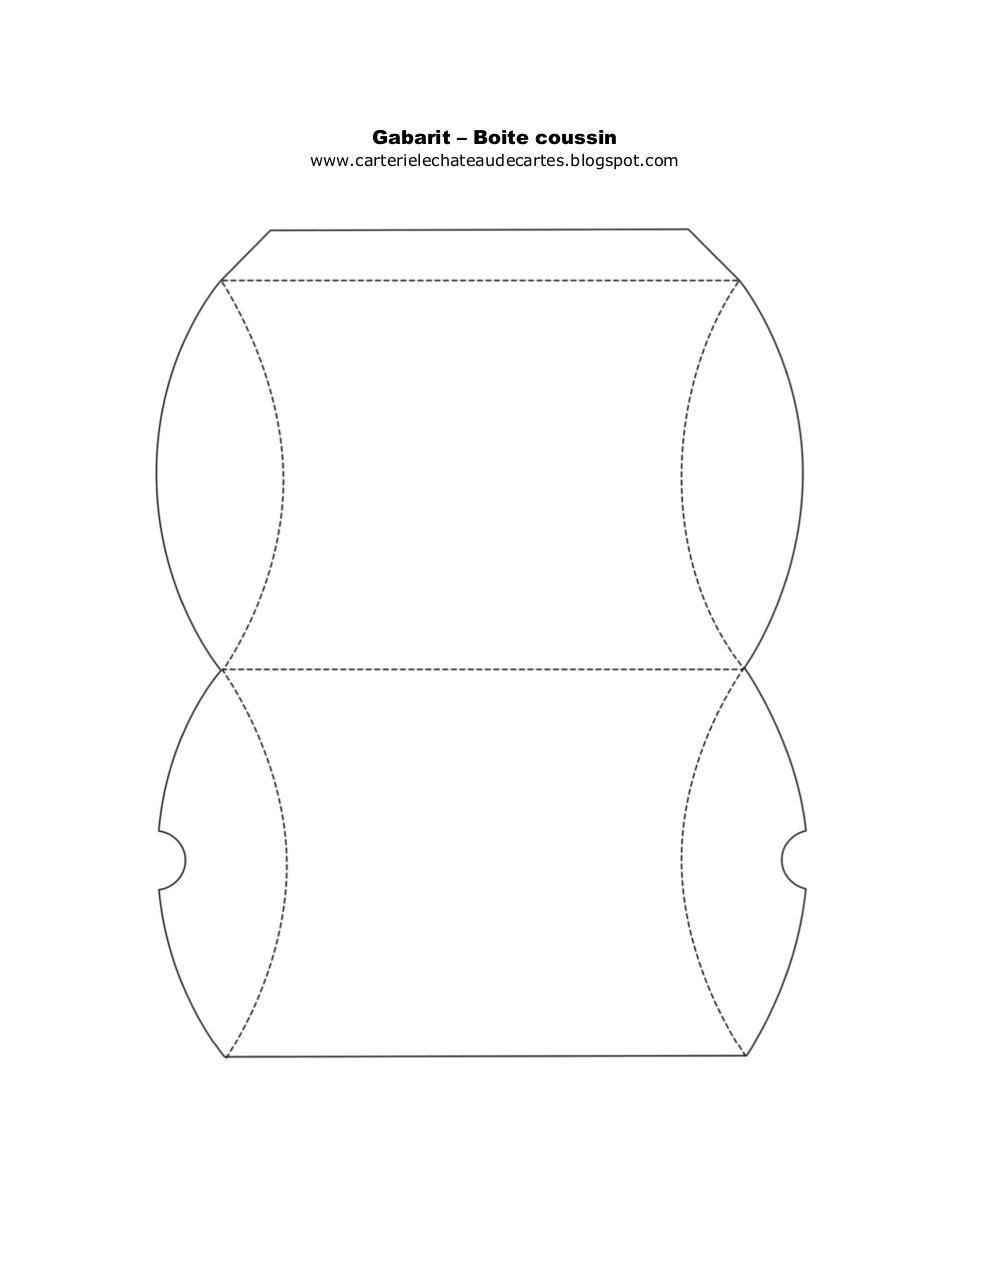 Gabarit boite par manon fichier pdf - Gabarit boite en papier ...